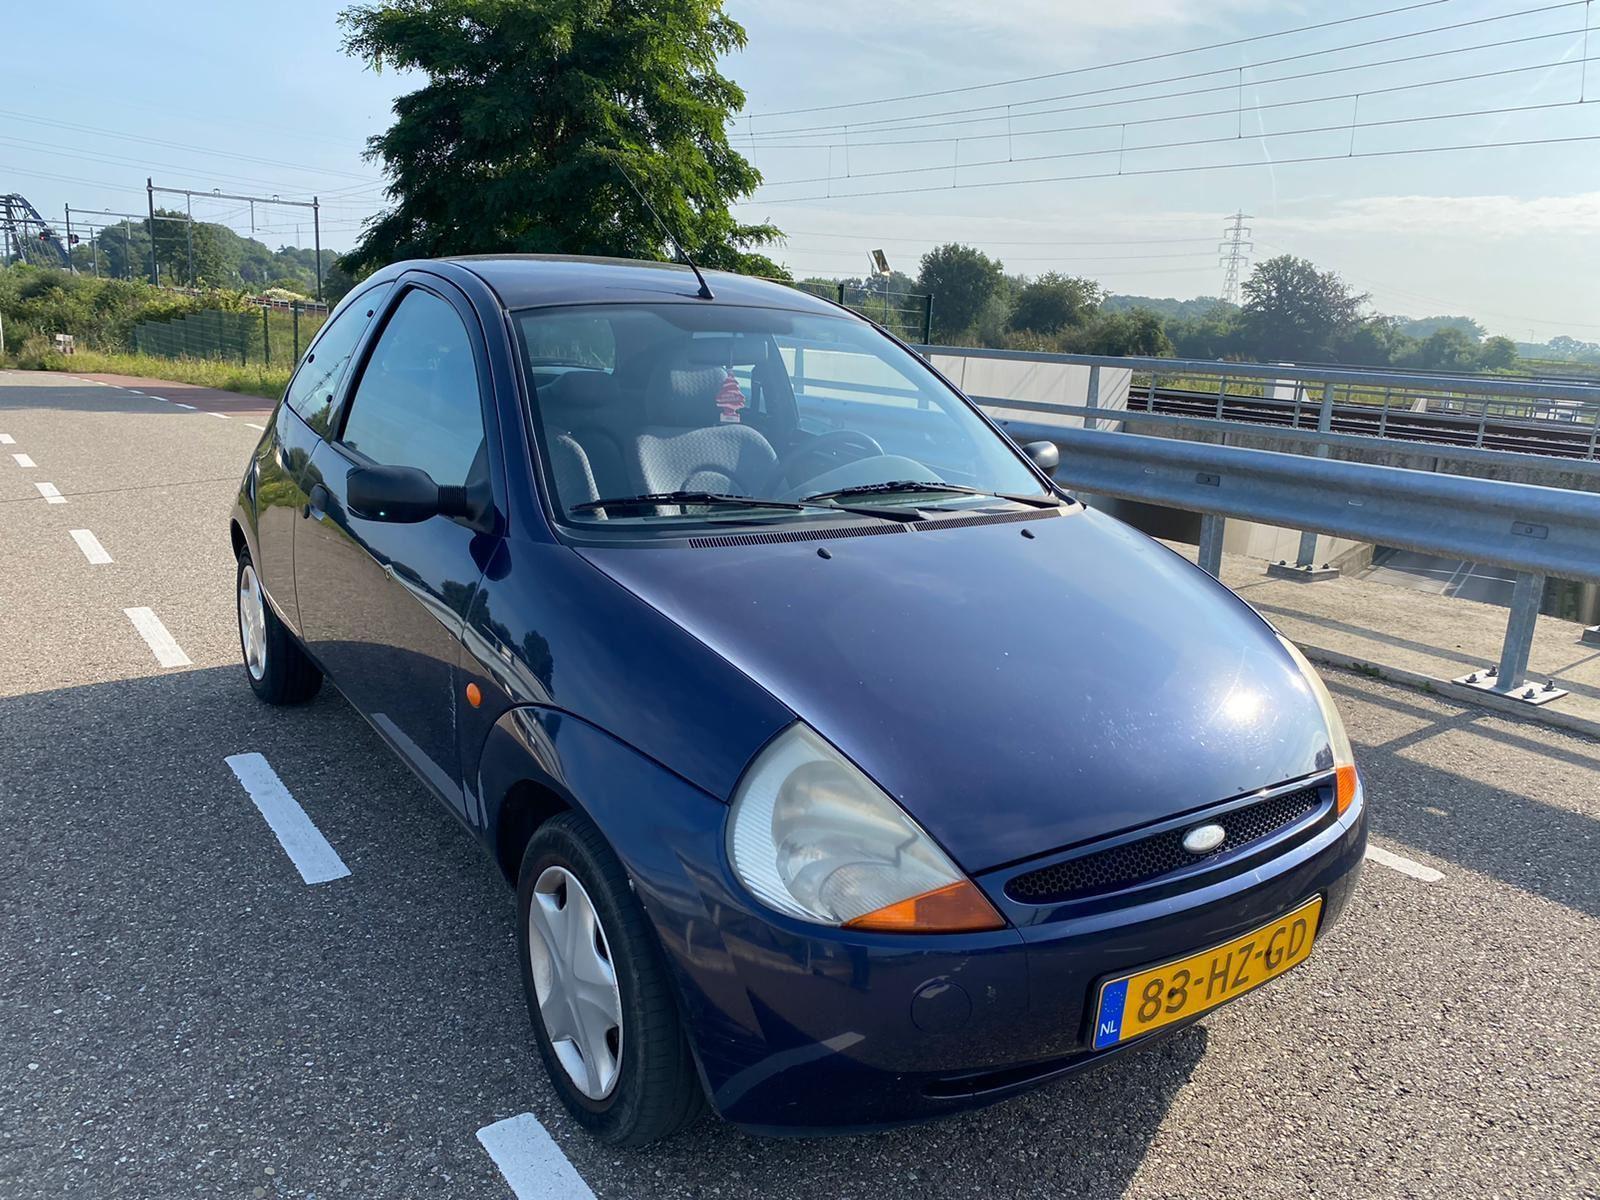 Ford Ka occasion - Gelderland Cars B.V.Zutphen